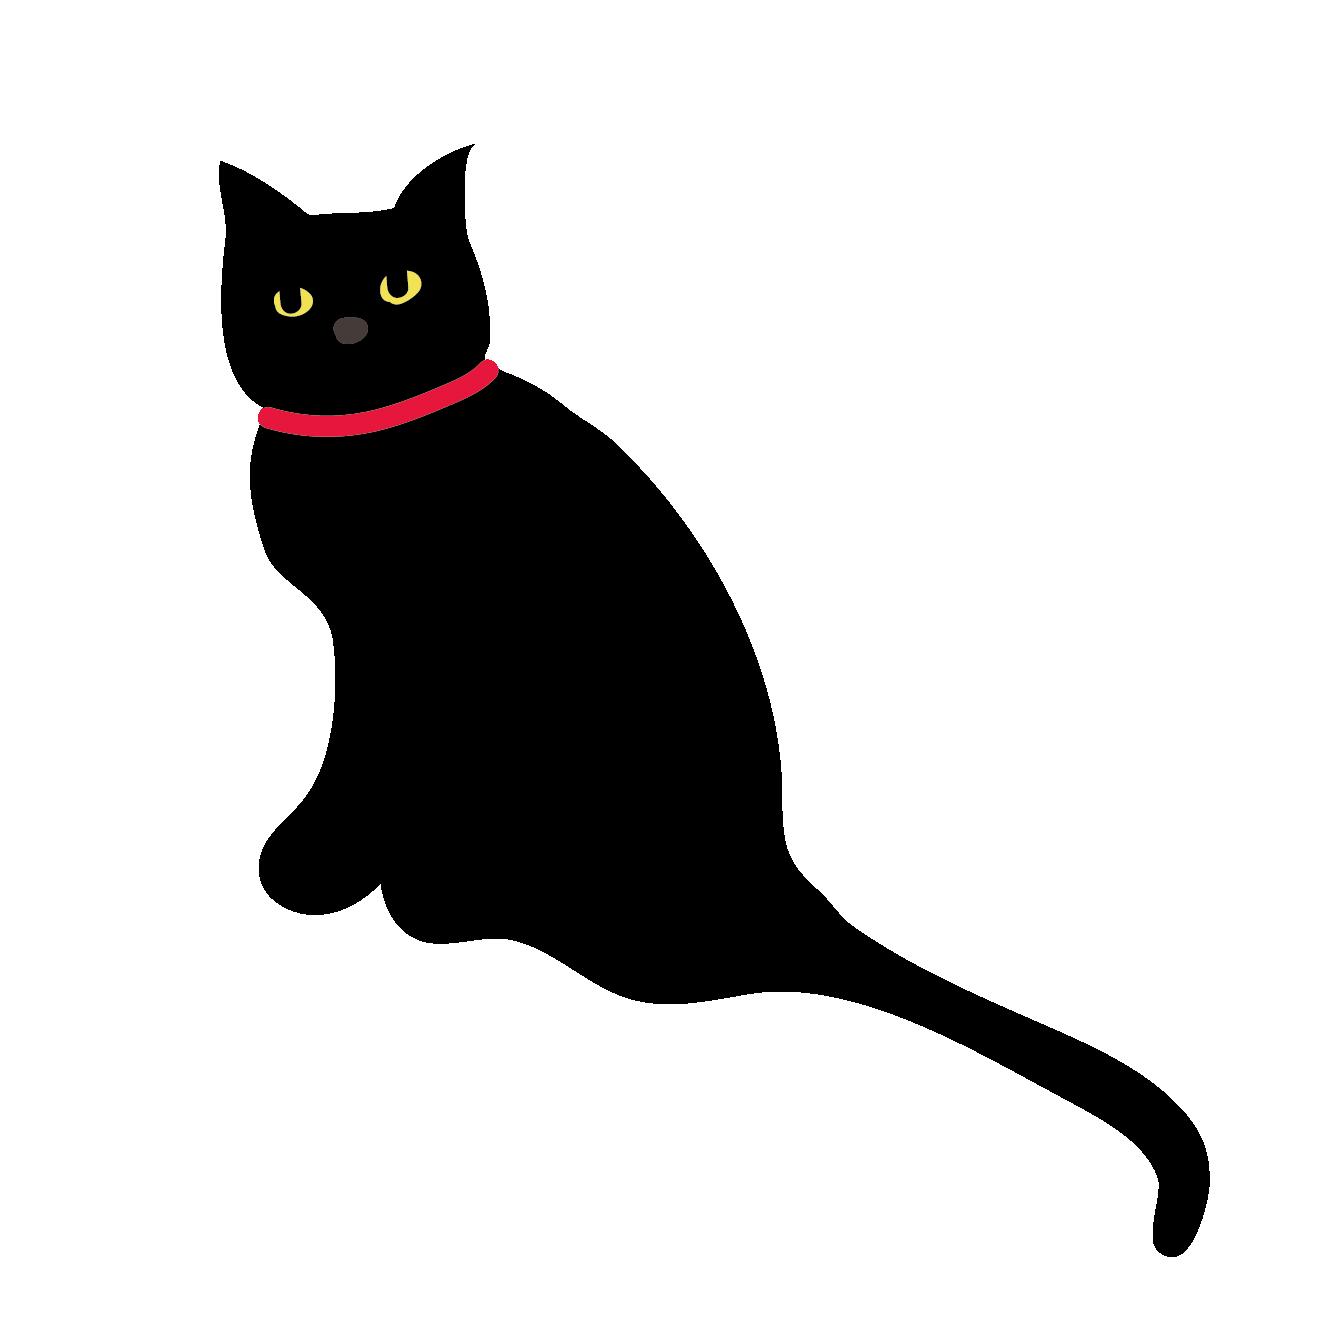 黒猫(ネコ)のイラスト♪クールな表情♪ | 商用フリー(無料)の